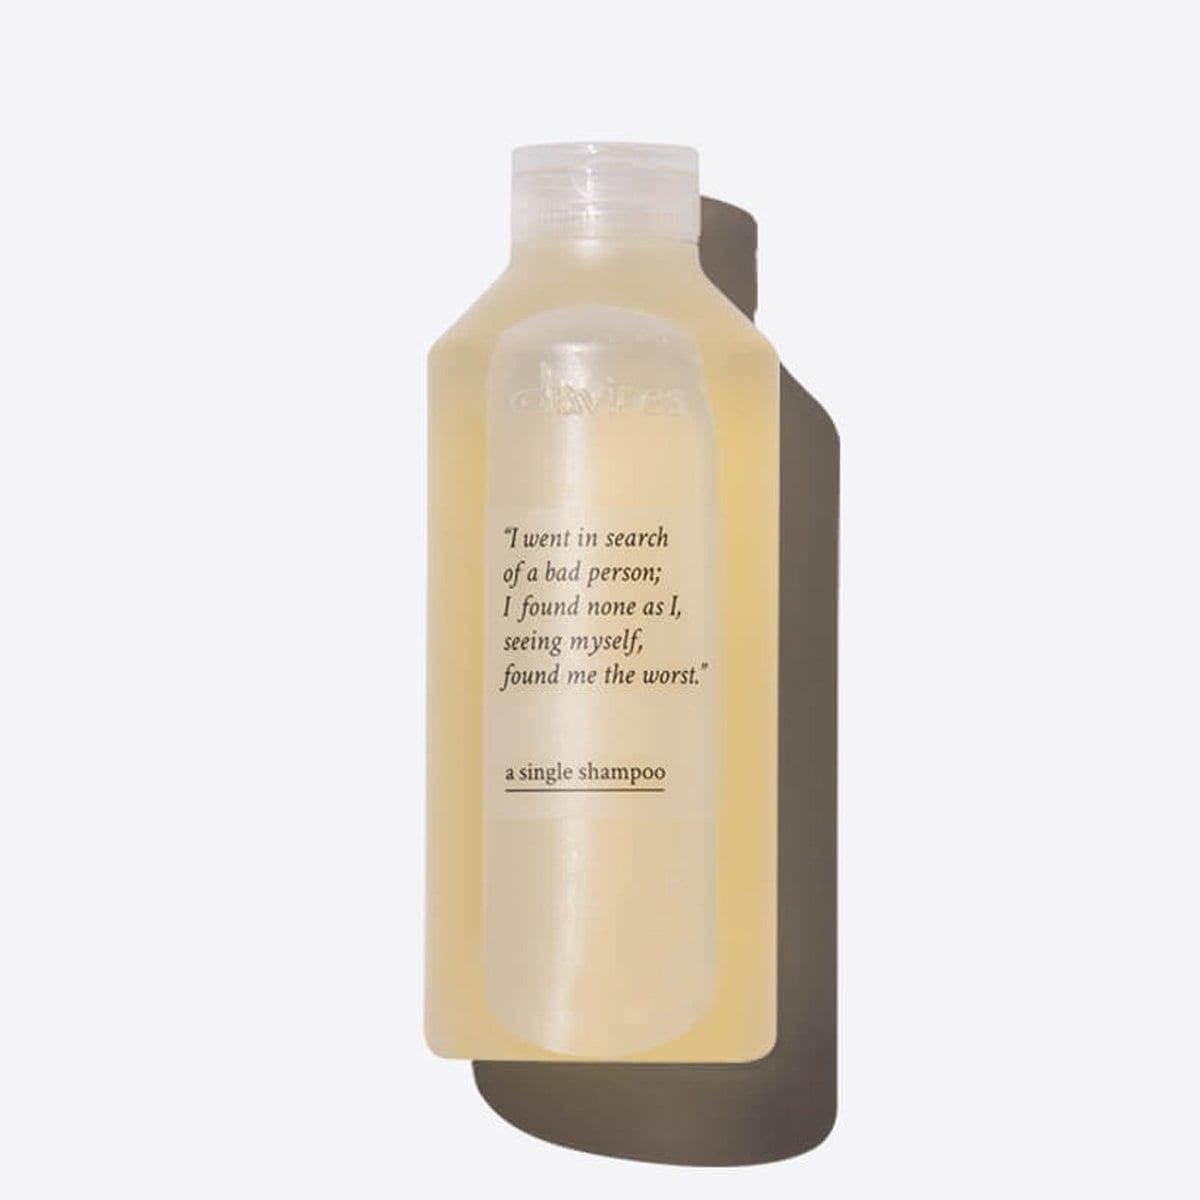 A Simple Shampoo